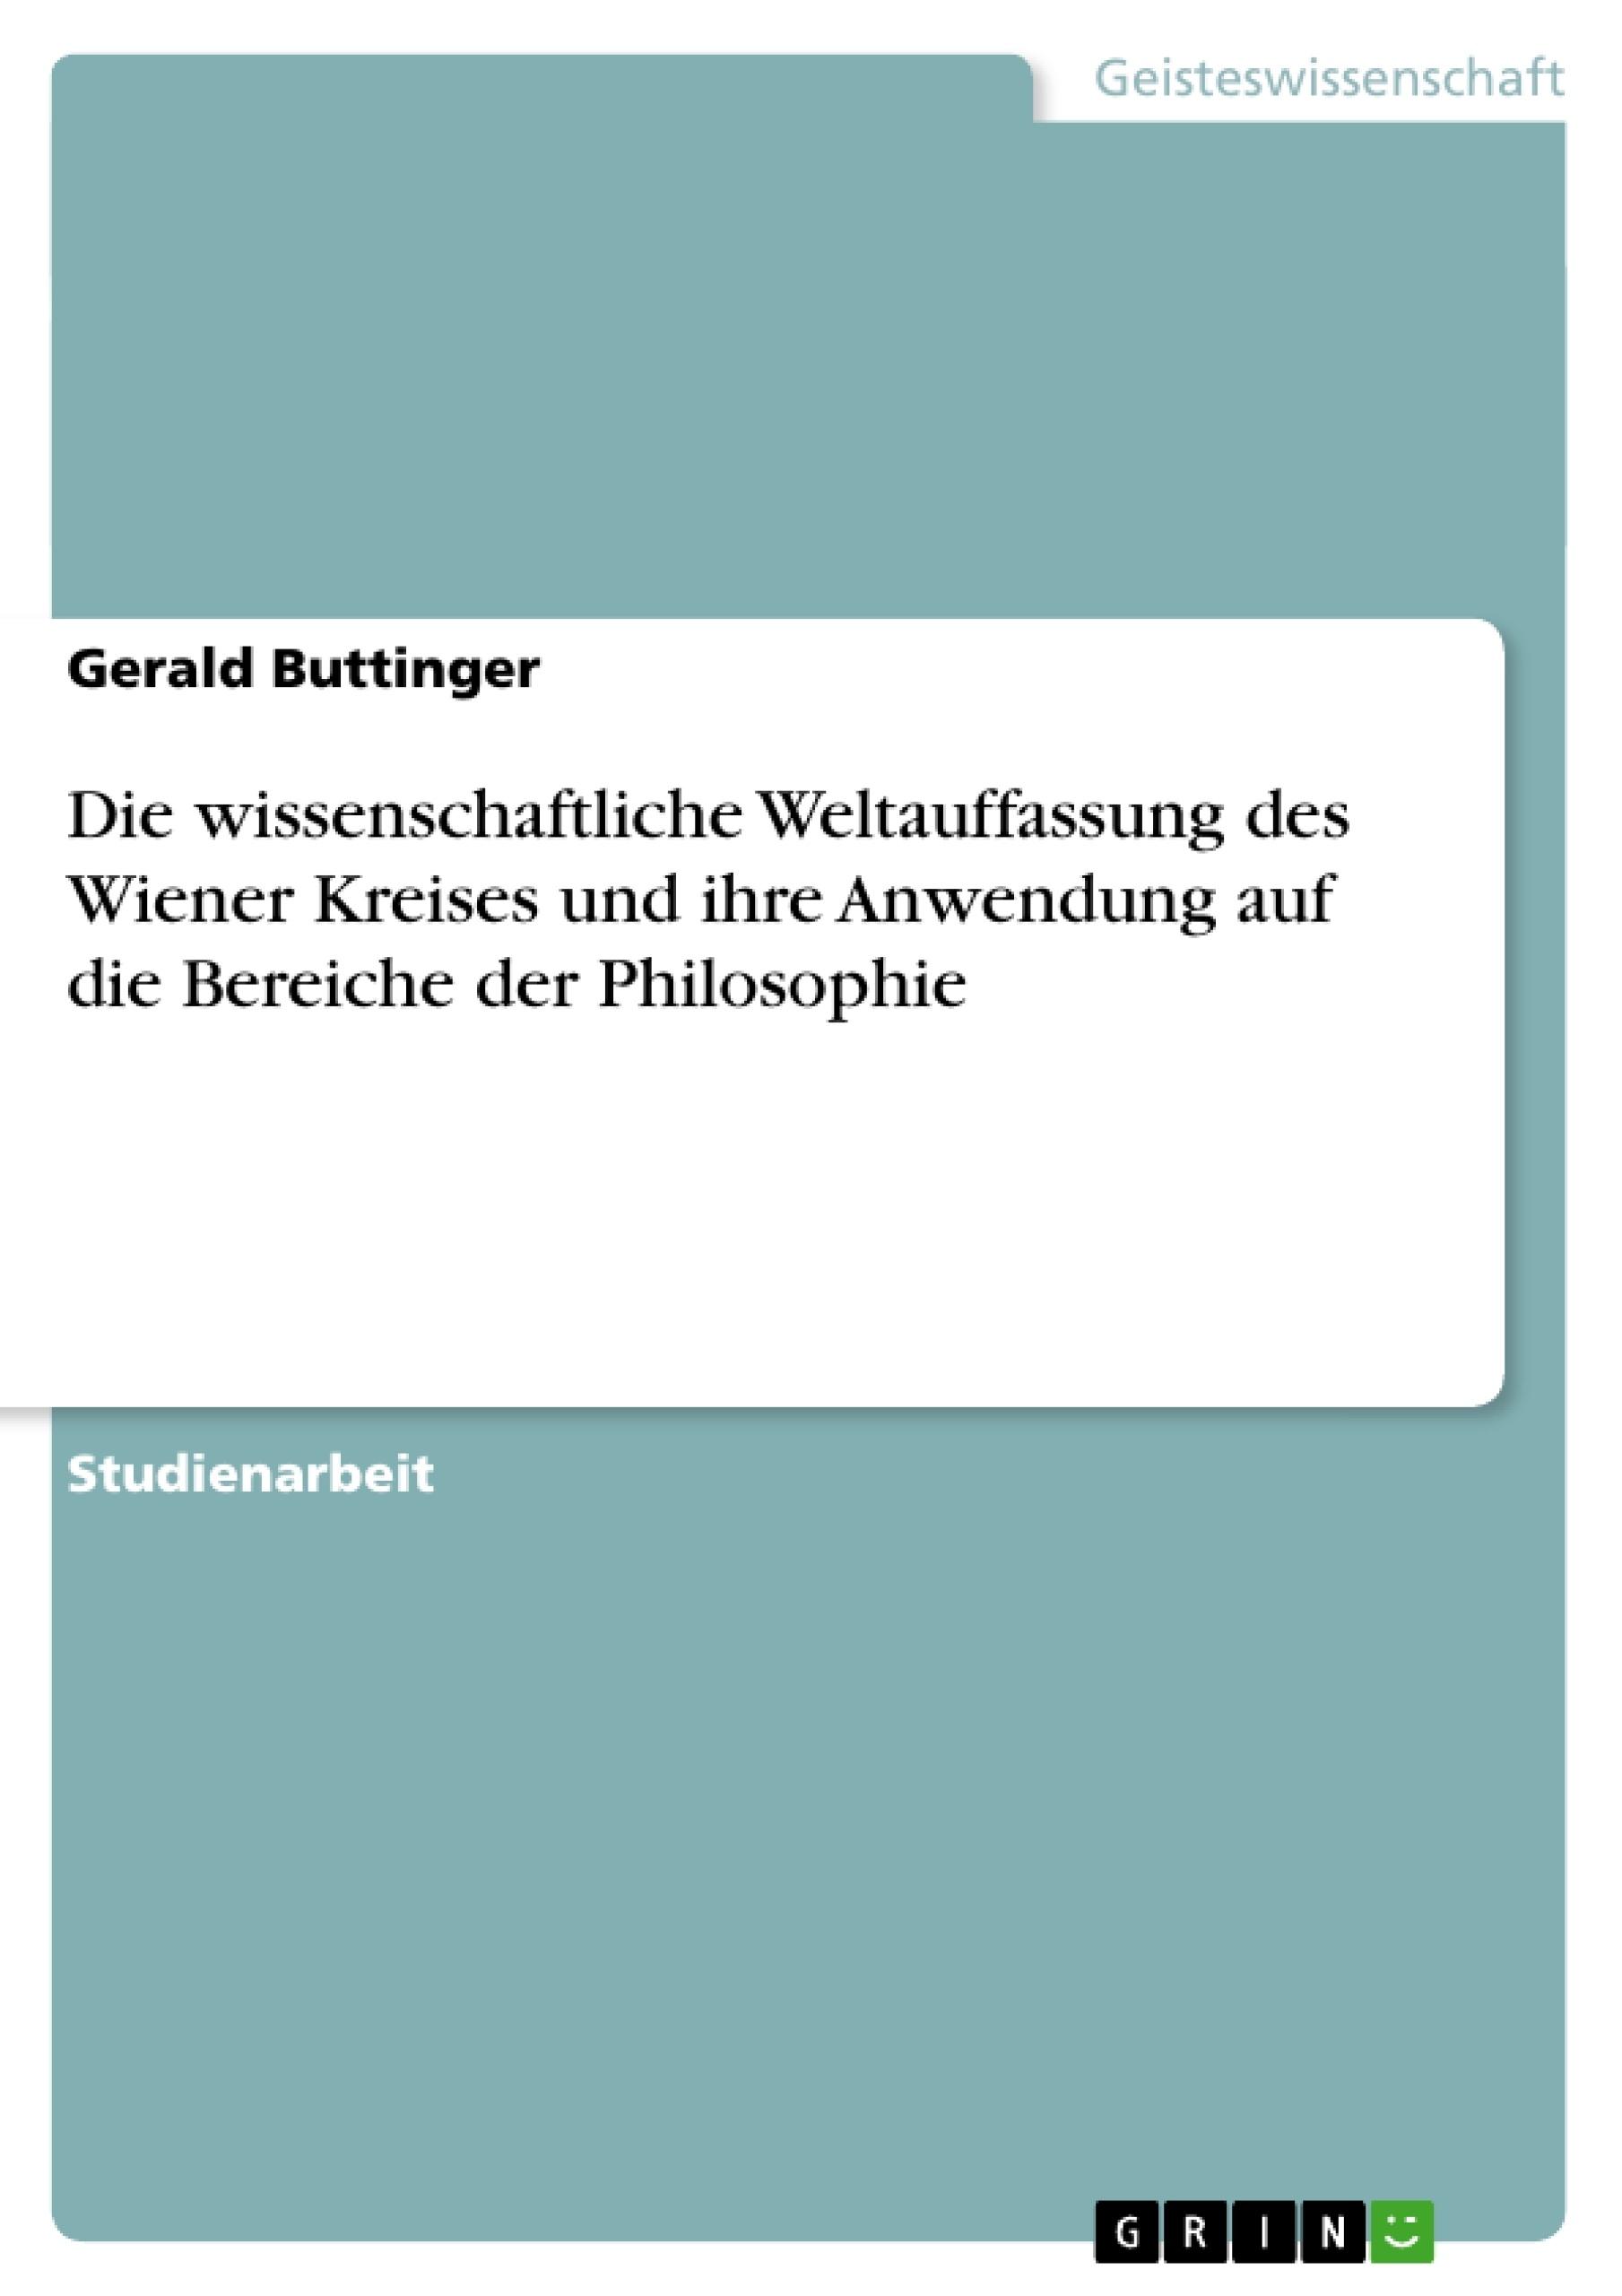 Titel: Die wissenschaftliche Weltauffassung des Wiener Kreises und ihre Anwendung auf die Bereiche der Philosophie